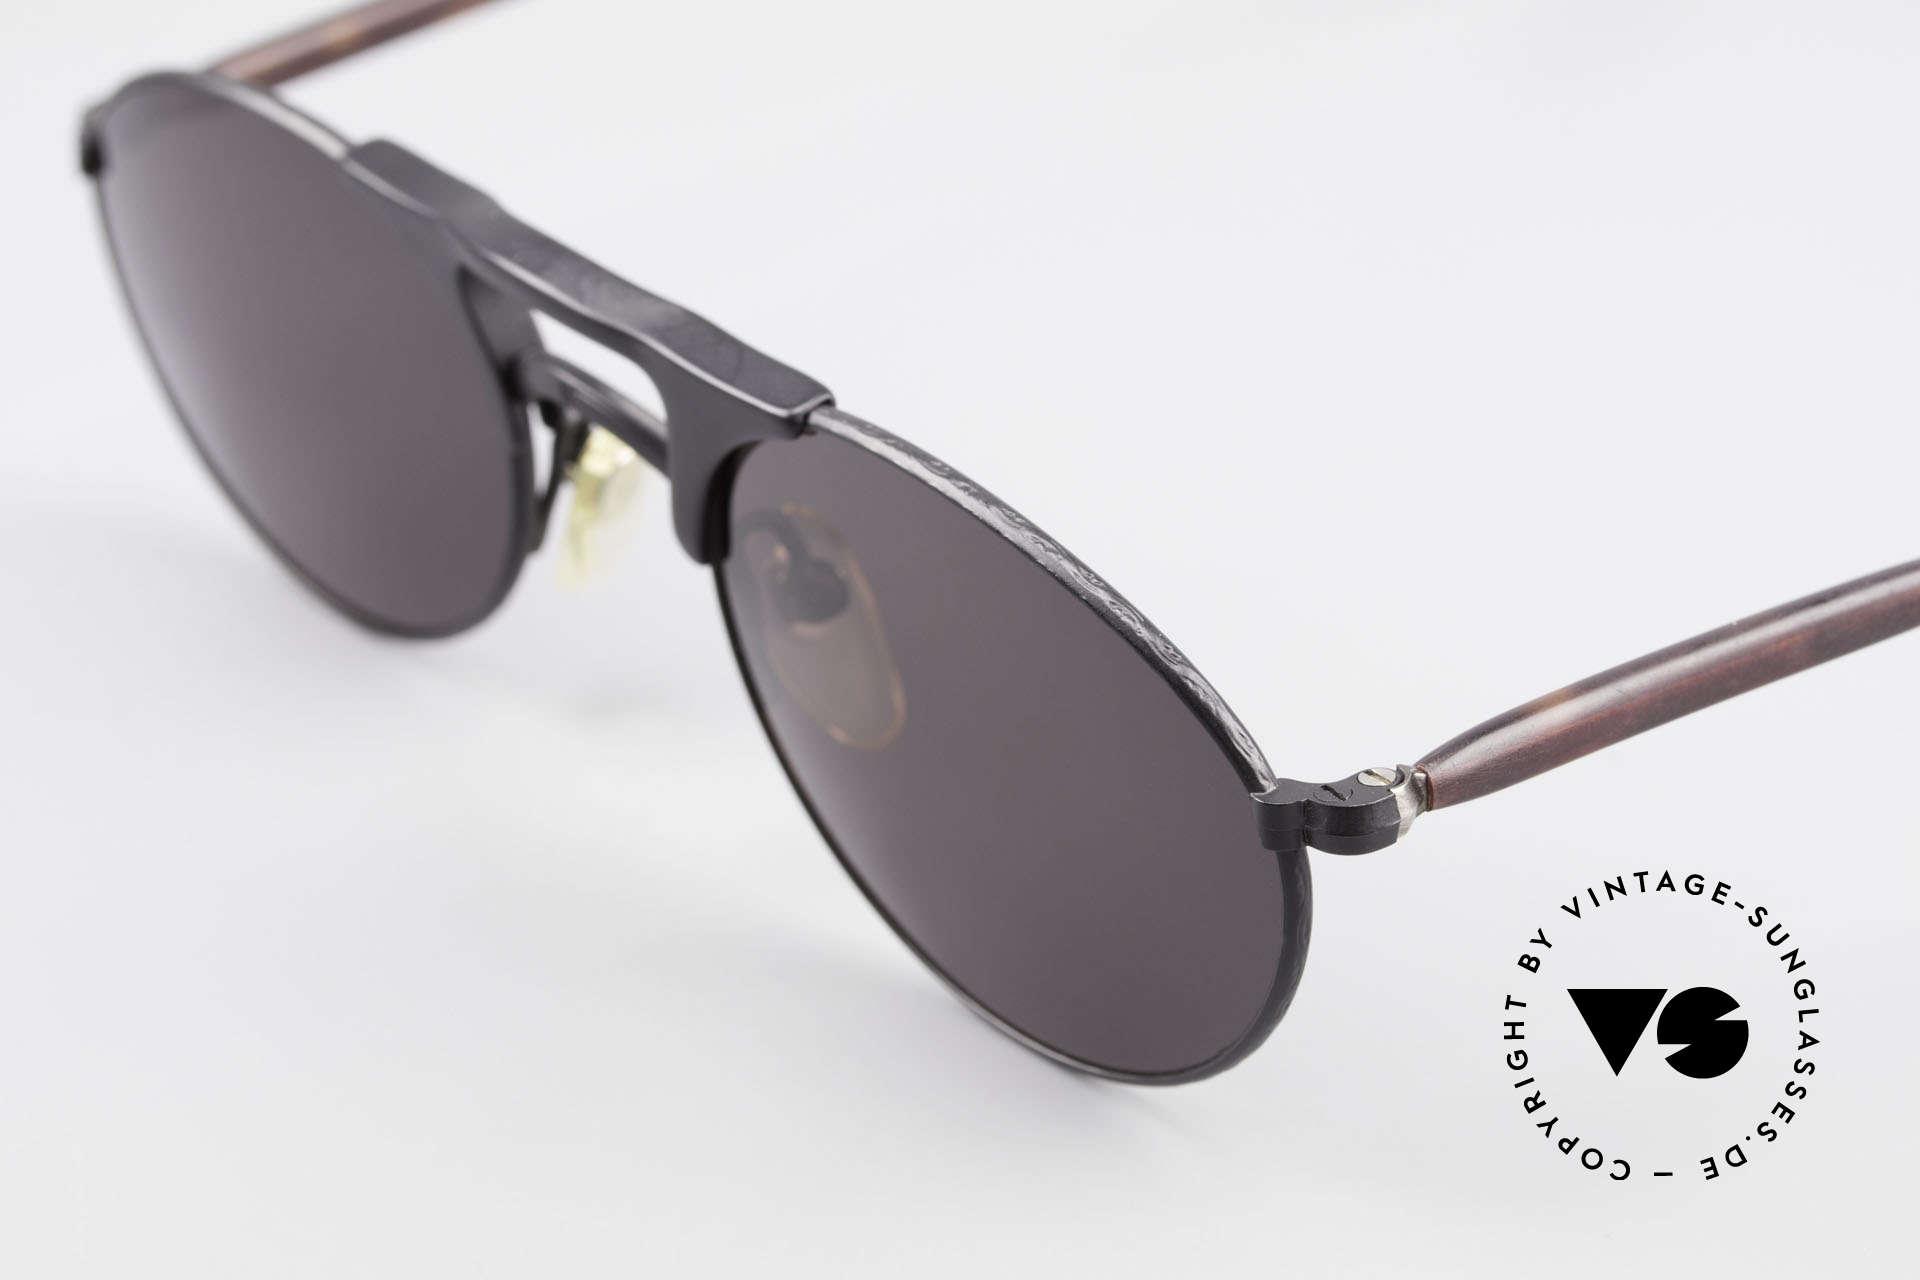 Matsuda 2820 Small Aviator Style Brille 90er, ungetragenes EINZELSTÜCK für alle 'vintage' Liebhaber!, Passend für Herren und Damen